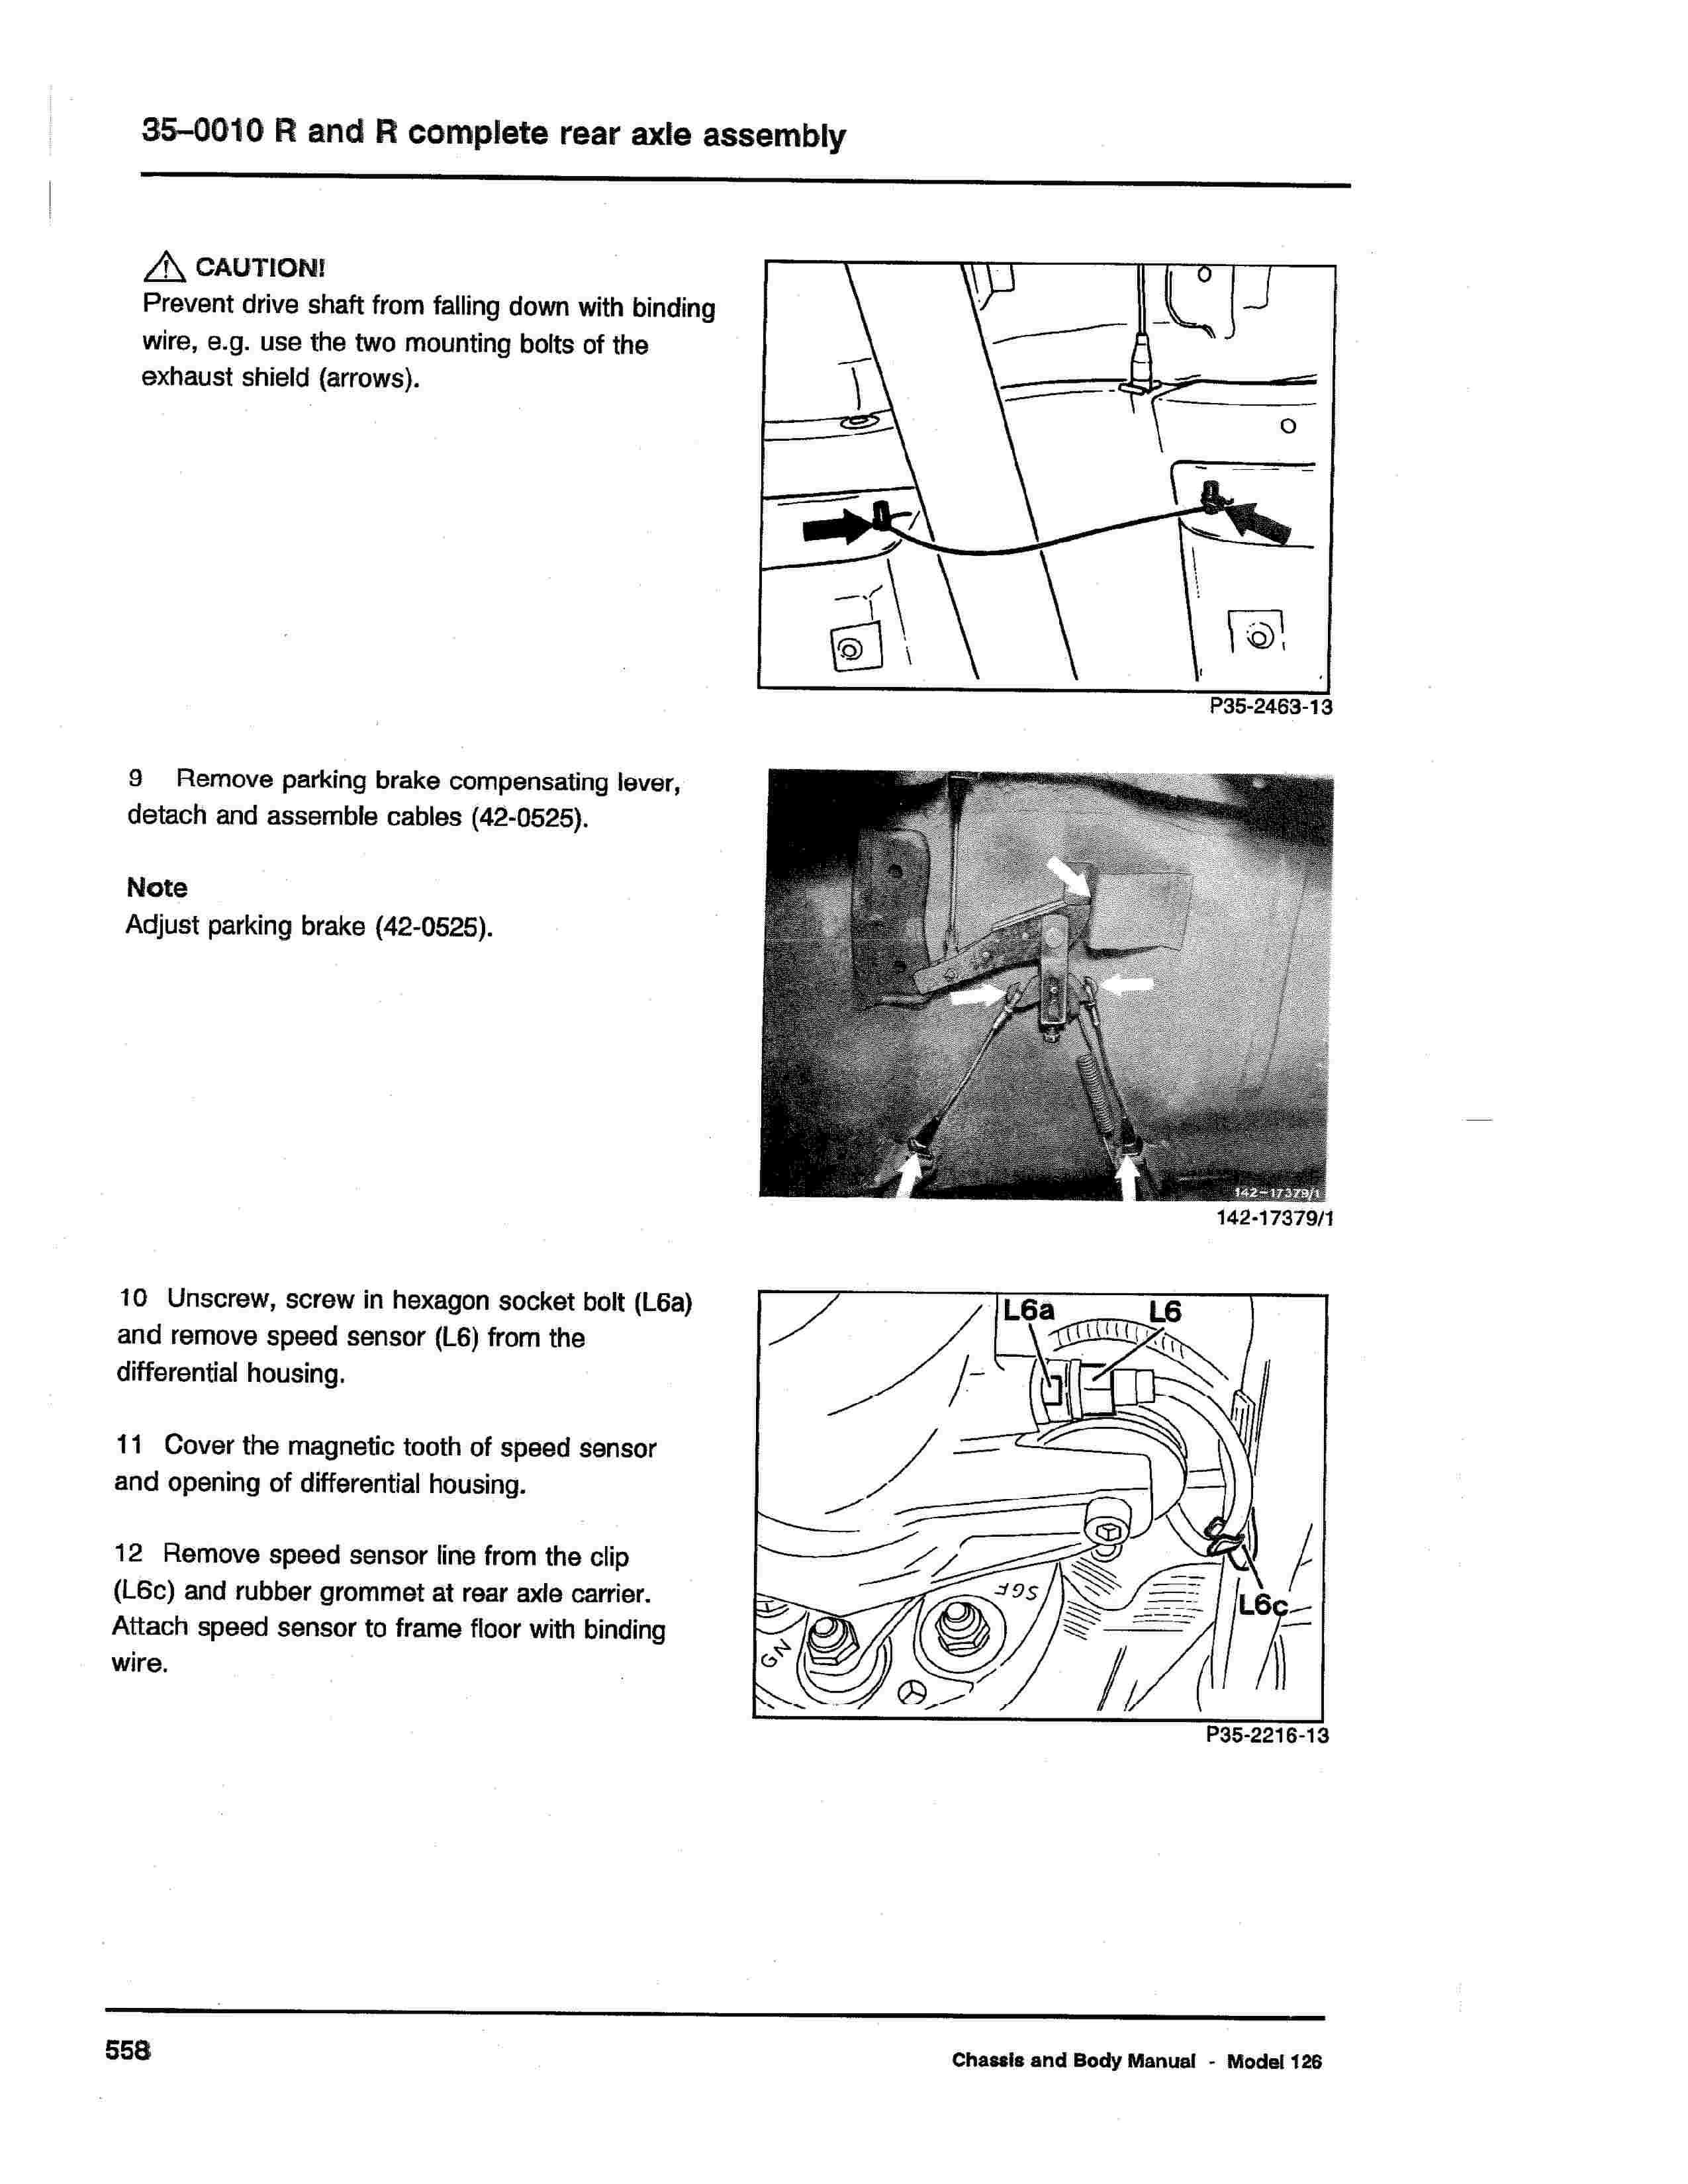 (W126): Diagrama completo da suspensão traseira  0007_225